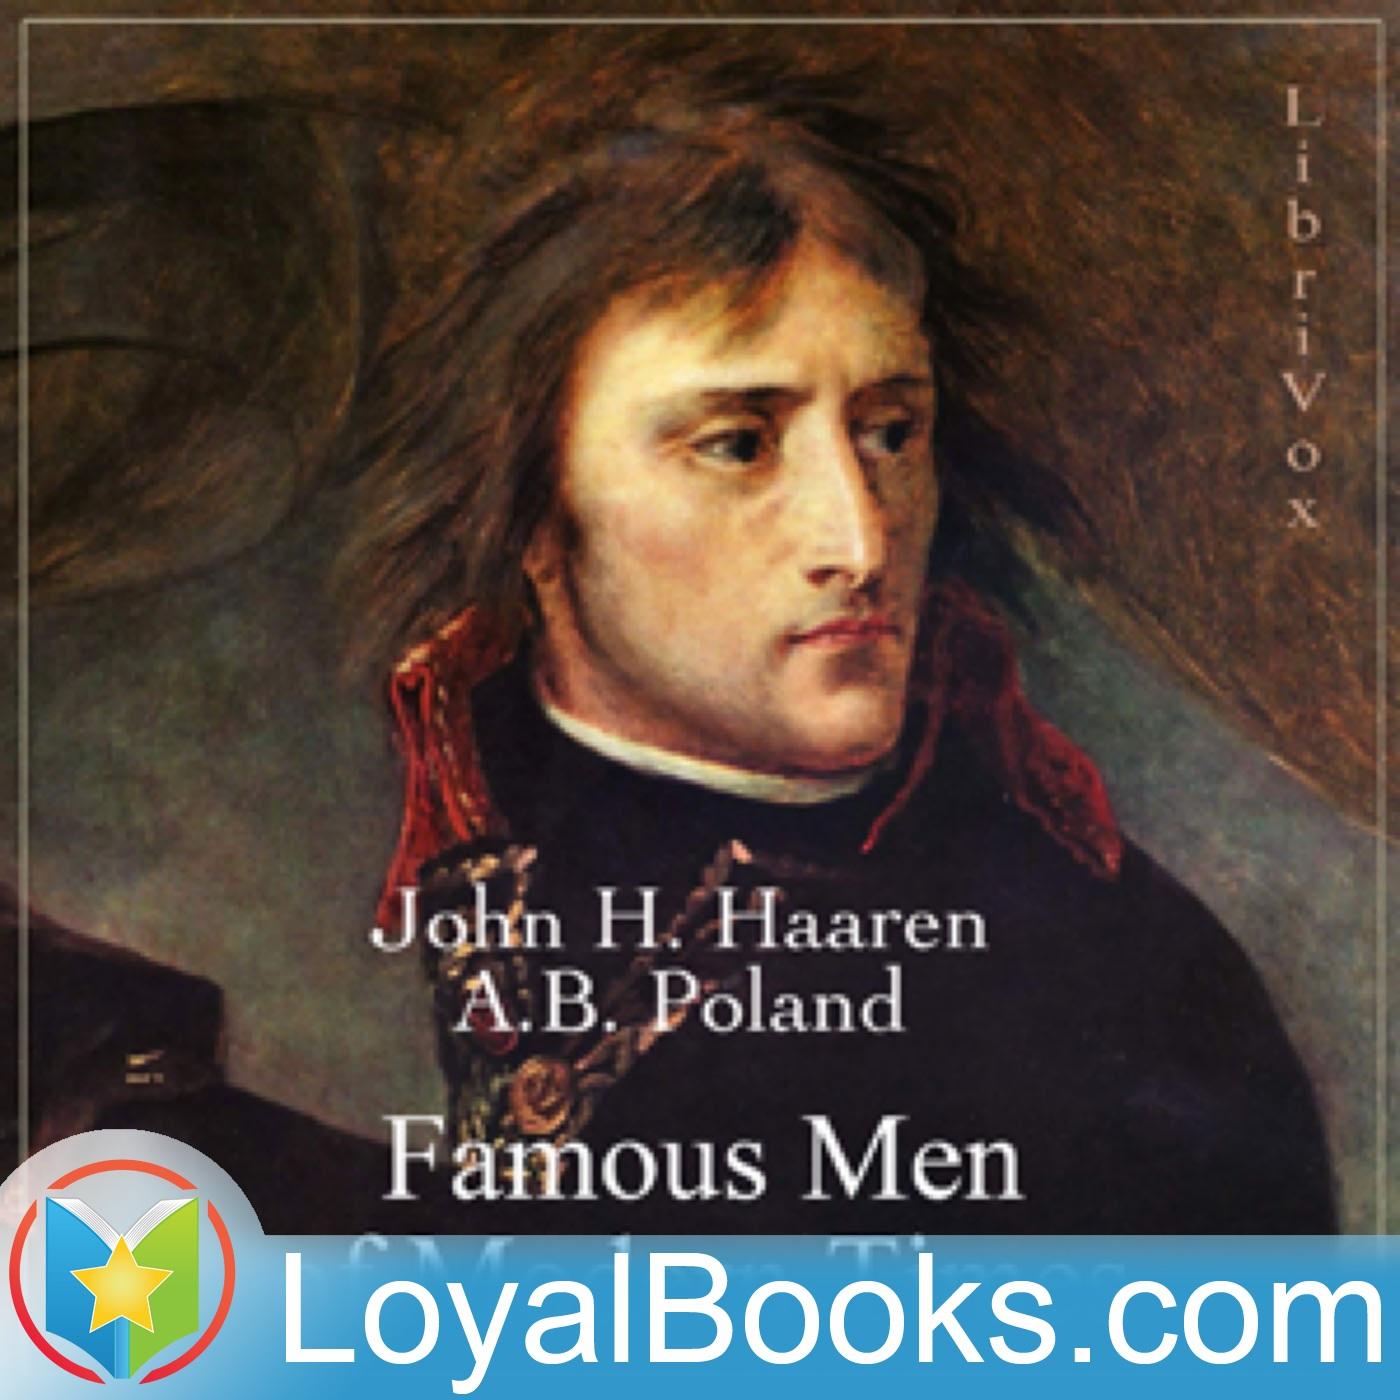 <![CDATA[Famous Men of Modern Times by John H. Haaren and A.B. Poland]]>